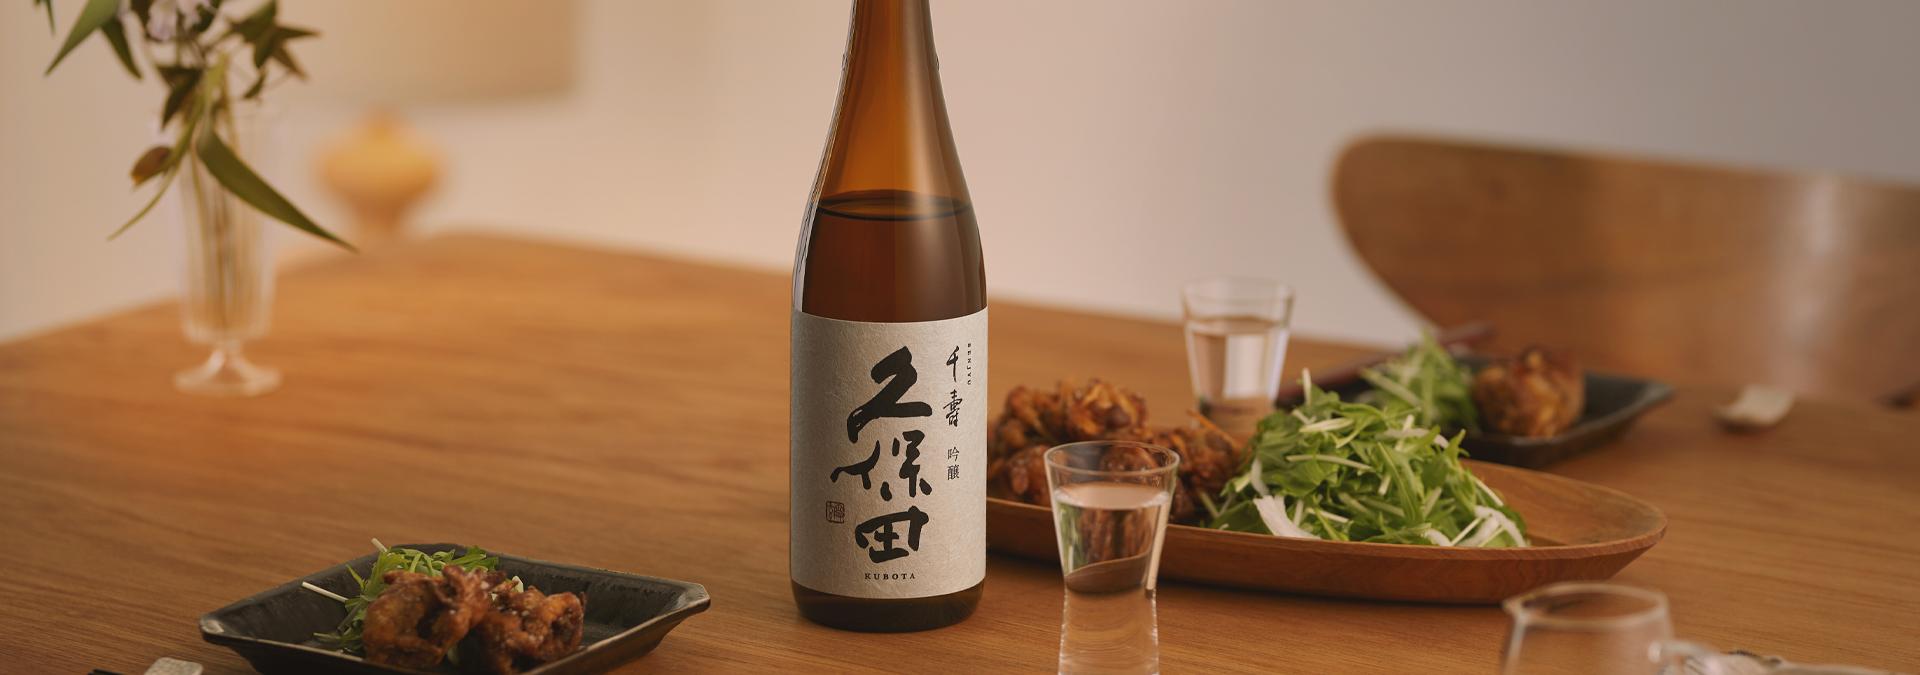 日本酒「久保田 千寿」を紹介。特徴・味わい・美味しい飲み方とは